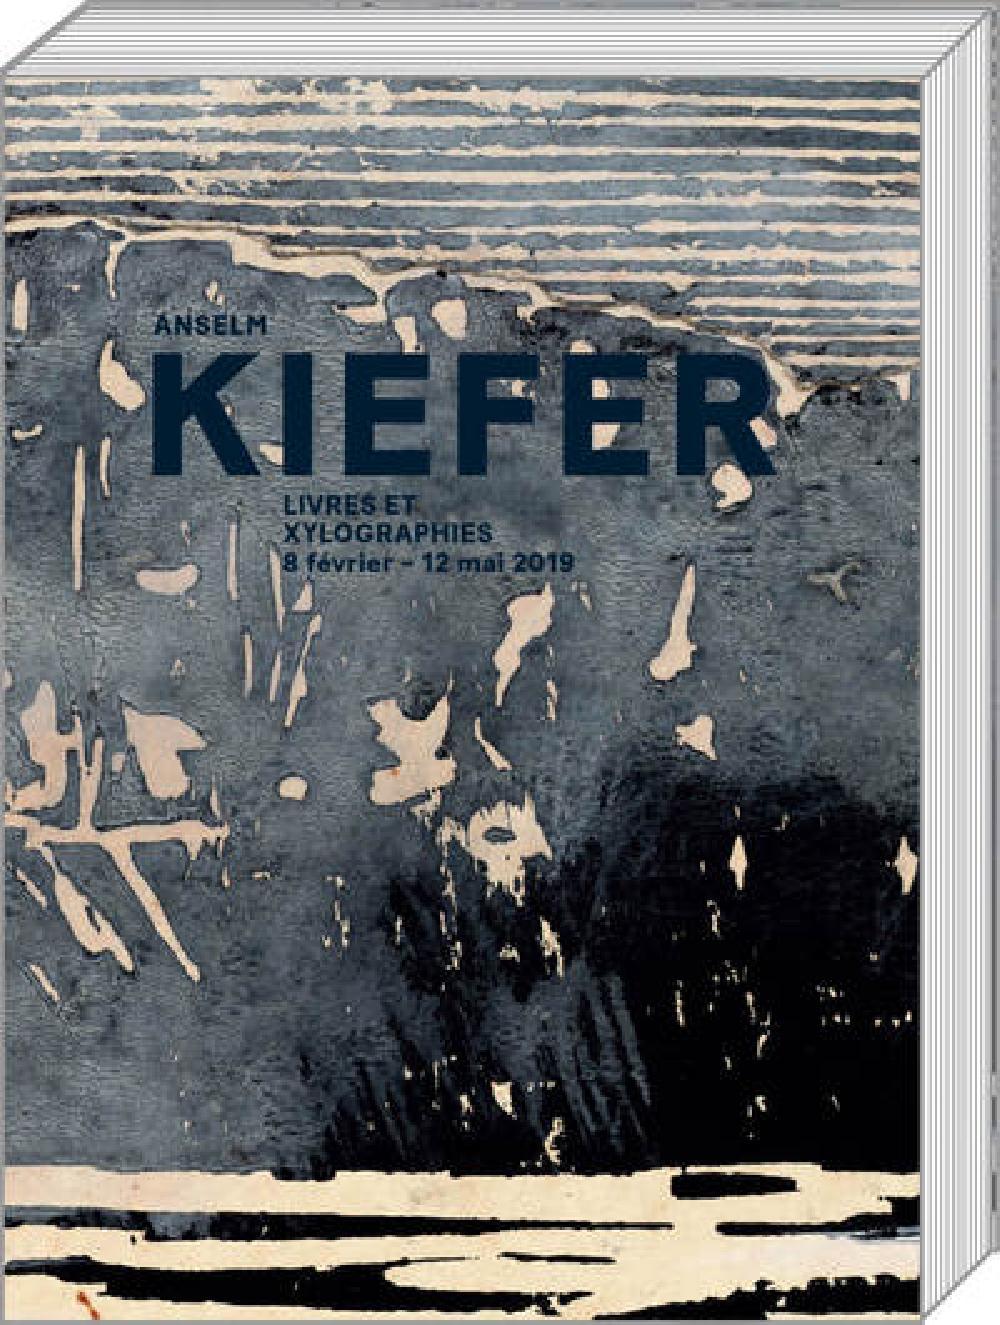 Anselm Kiefer - Livres et xylographies